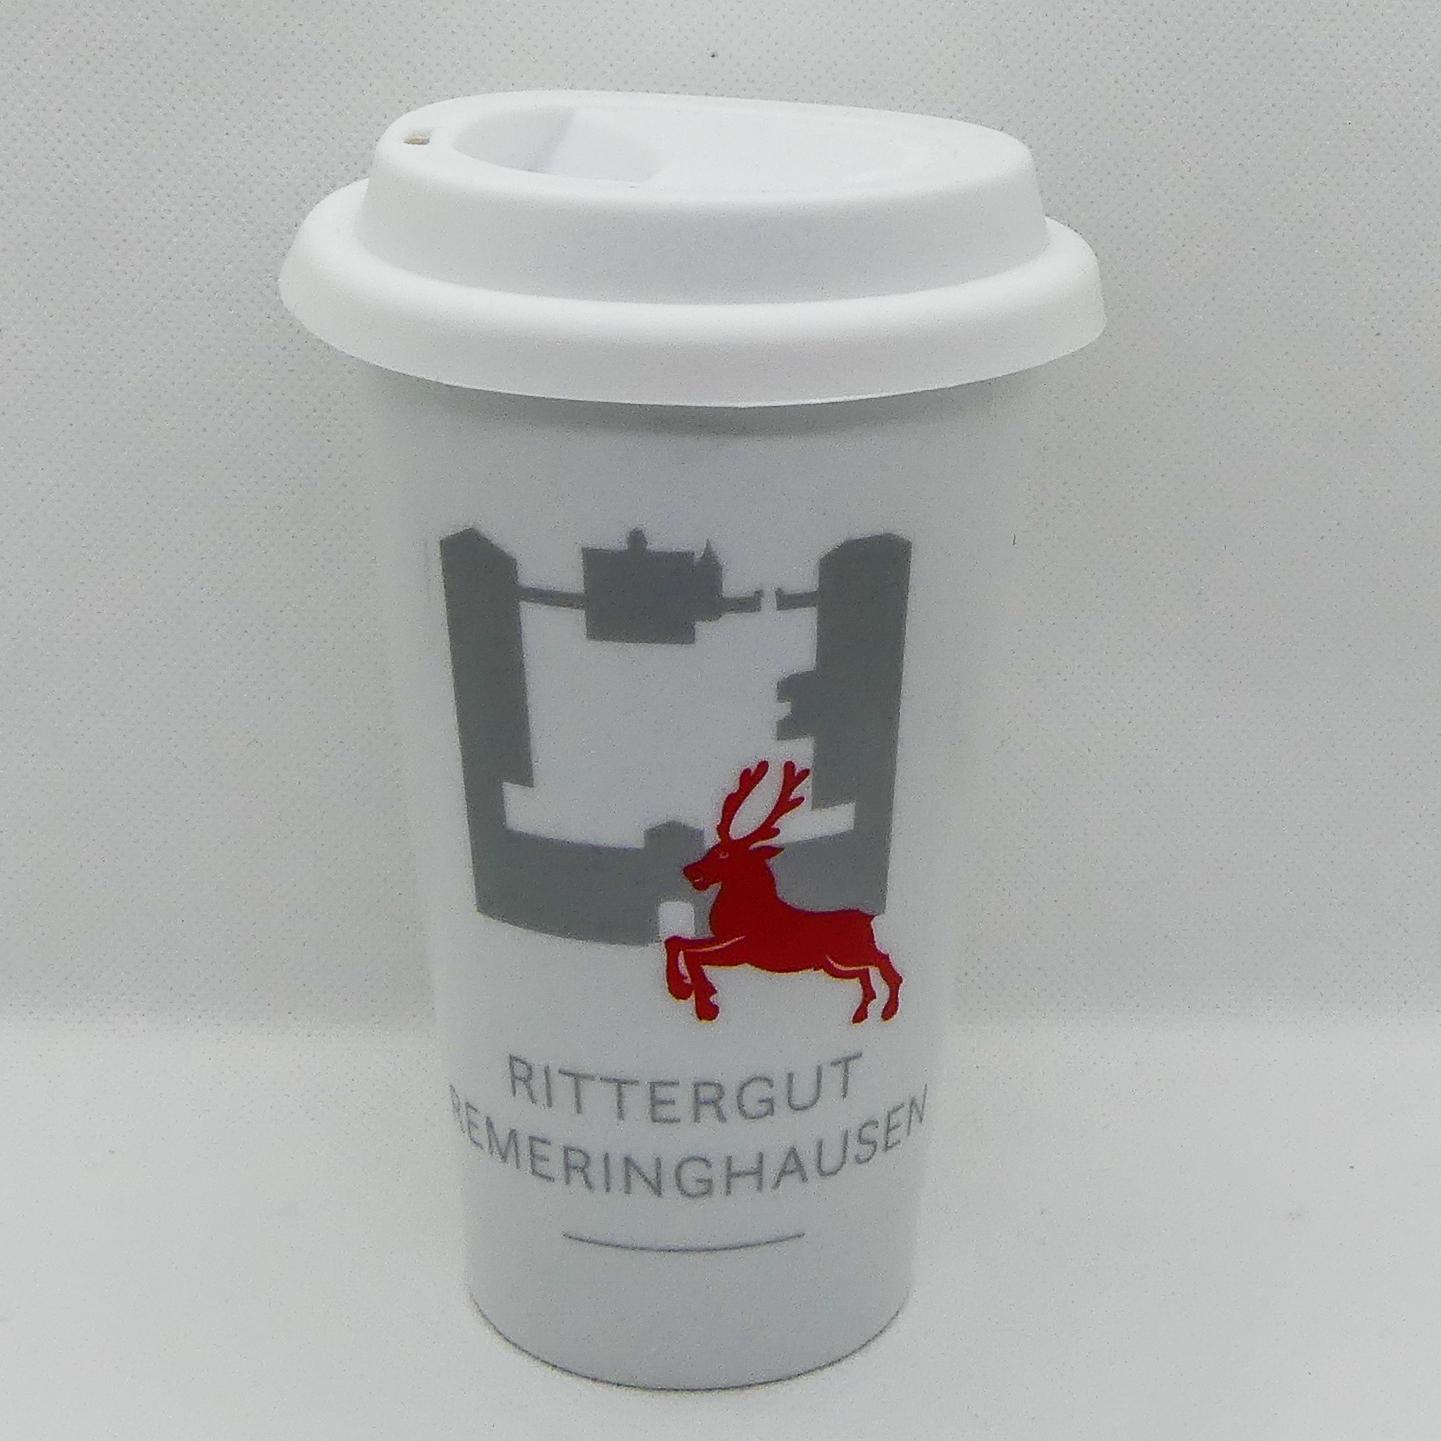 """Kaffeebecher """"Rittergut Remeringhausen"""""""